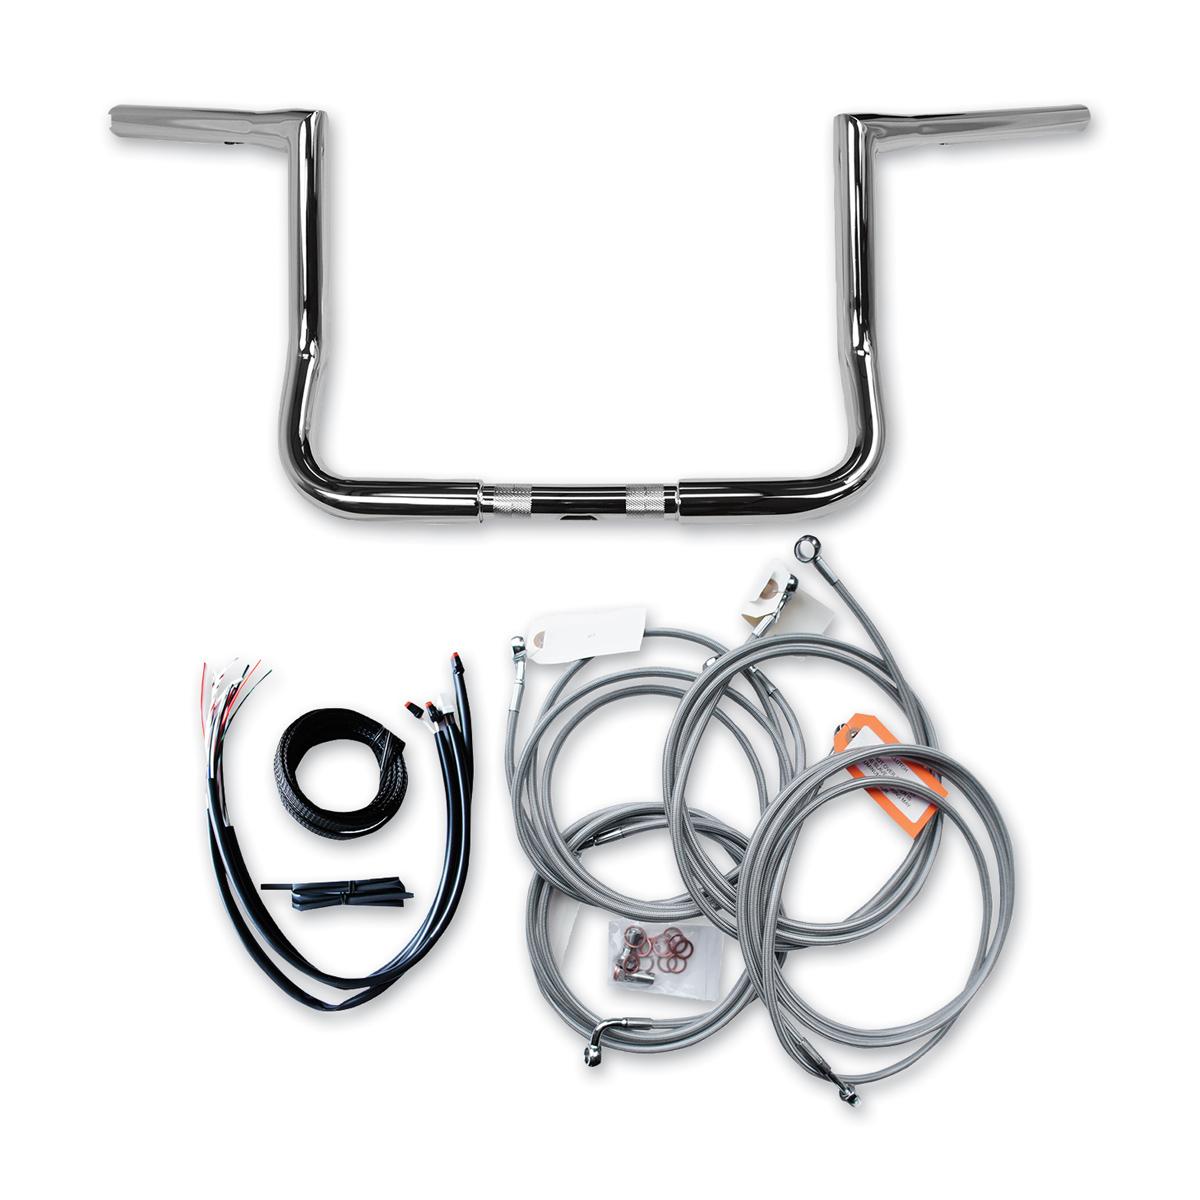 LA Choppers 1-1/4' Chrome 10' Bagger Ape Hanger Stainless Braided Handlebar Kit